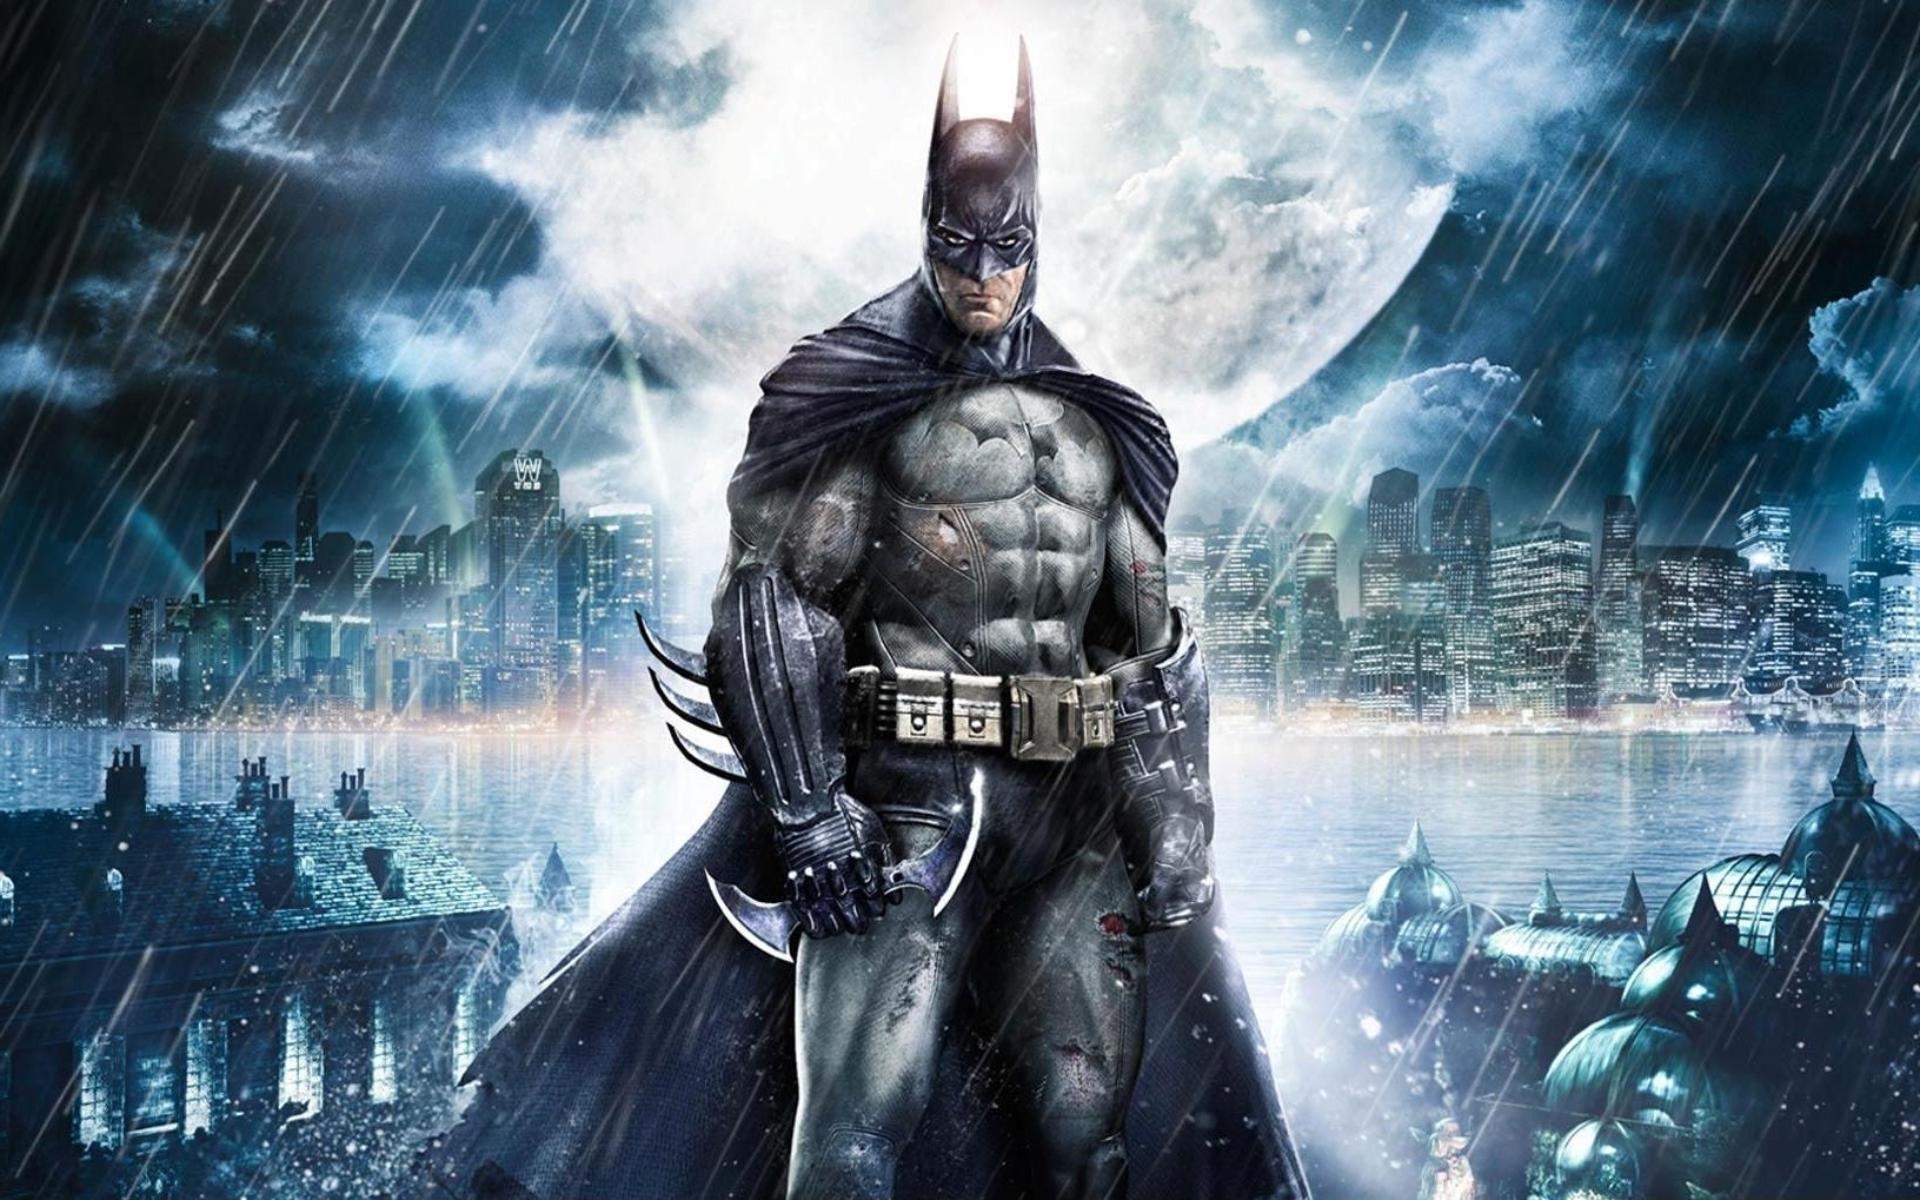 Jedna z najciekawszych marek ostatnich lat. Oczywiście powrót Batmana do branży gier w wielkim stylu.